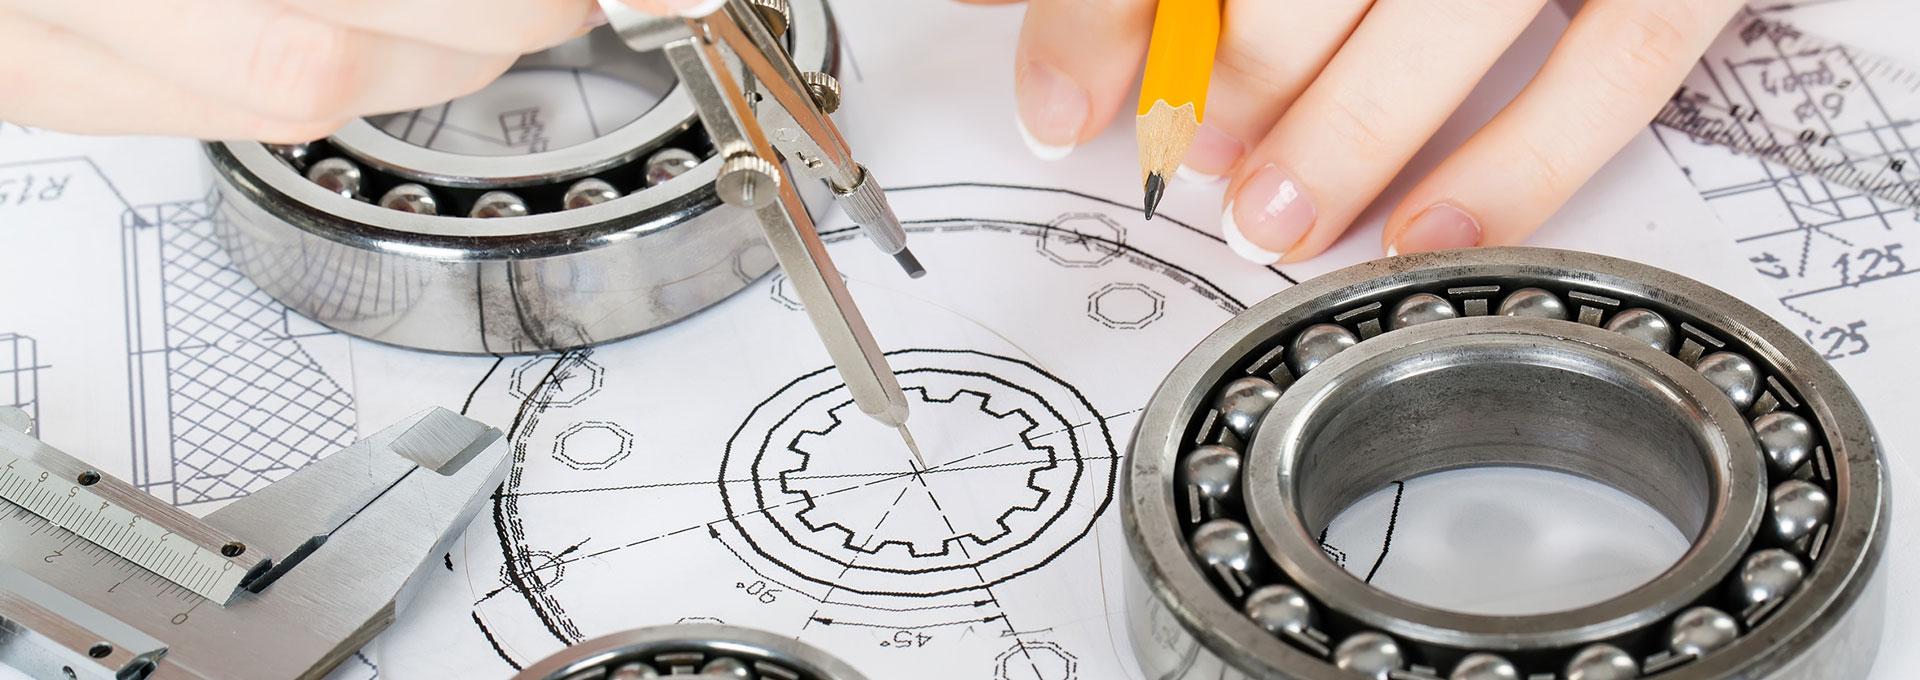 Erstellung normgerechter Technischer Zeichnungen Steinbeis ...